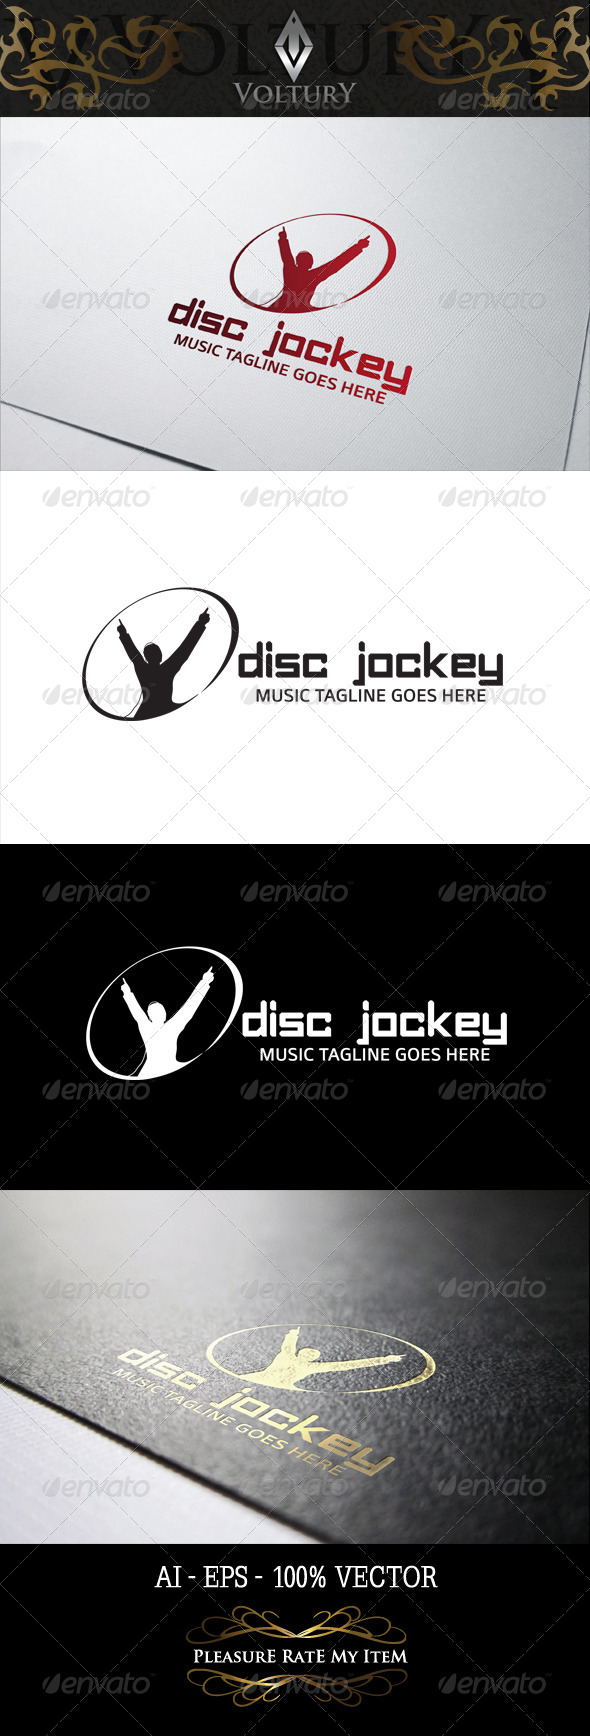 GraphicRiver Disc Jockey Logo 8298334